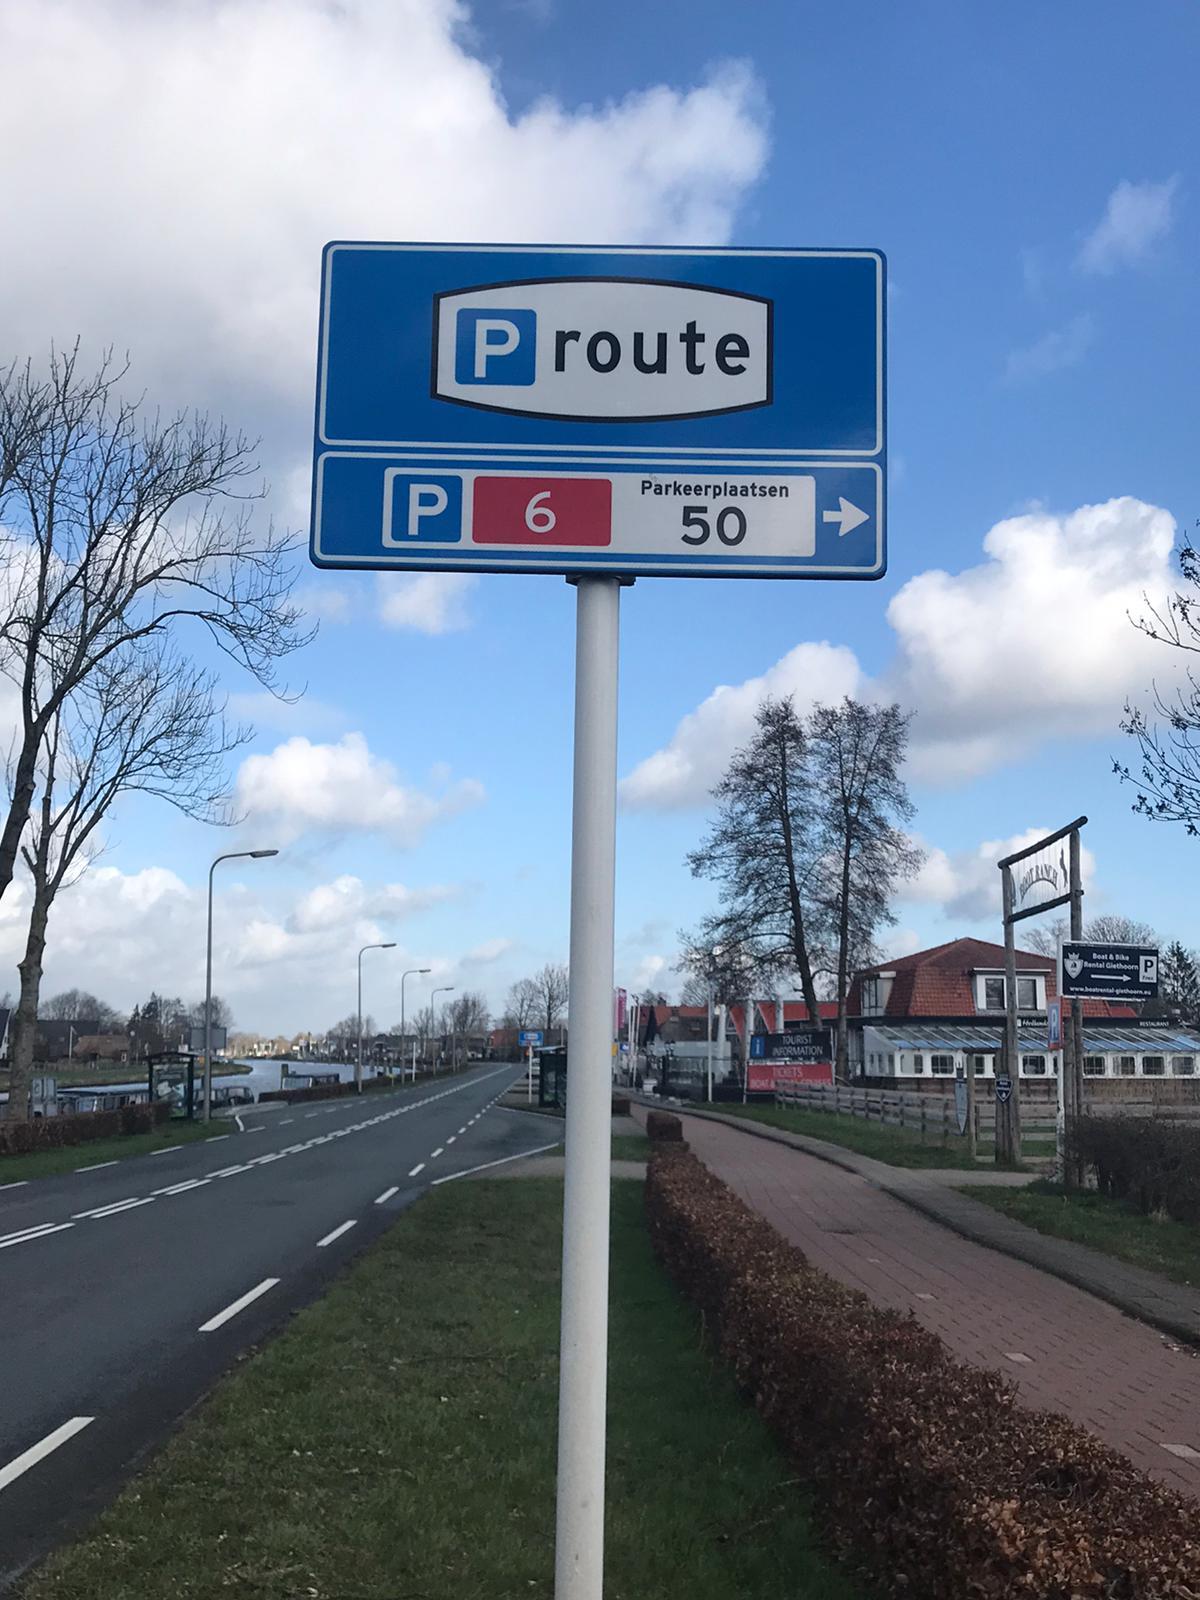 Parking in Giethoorn 2